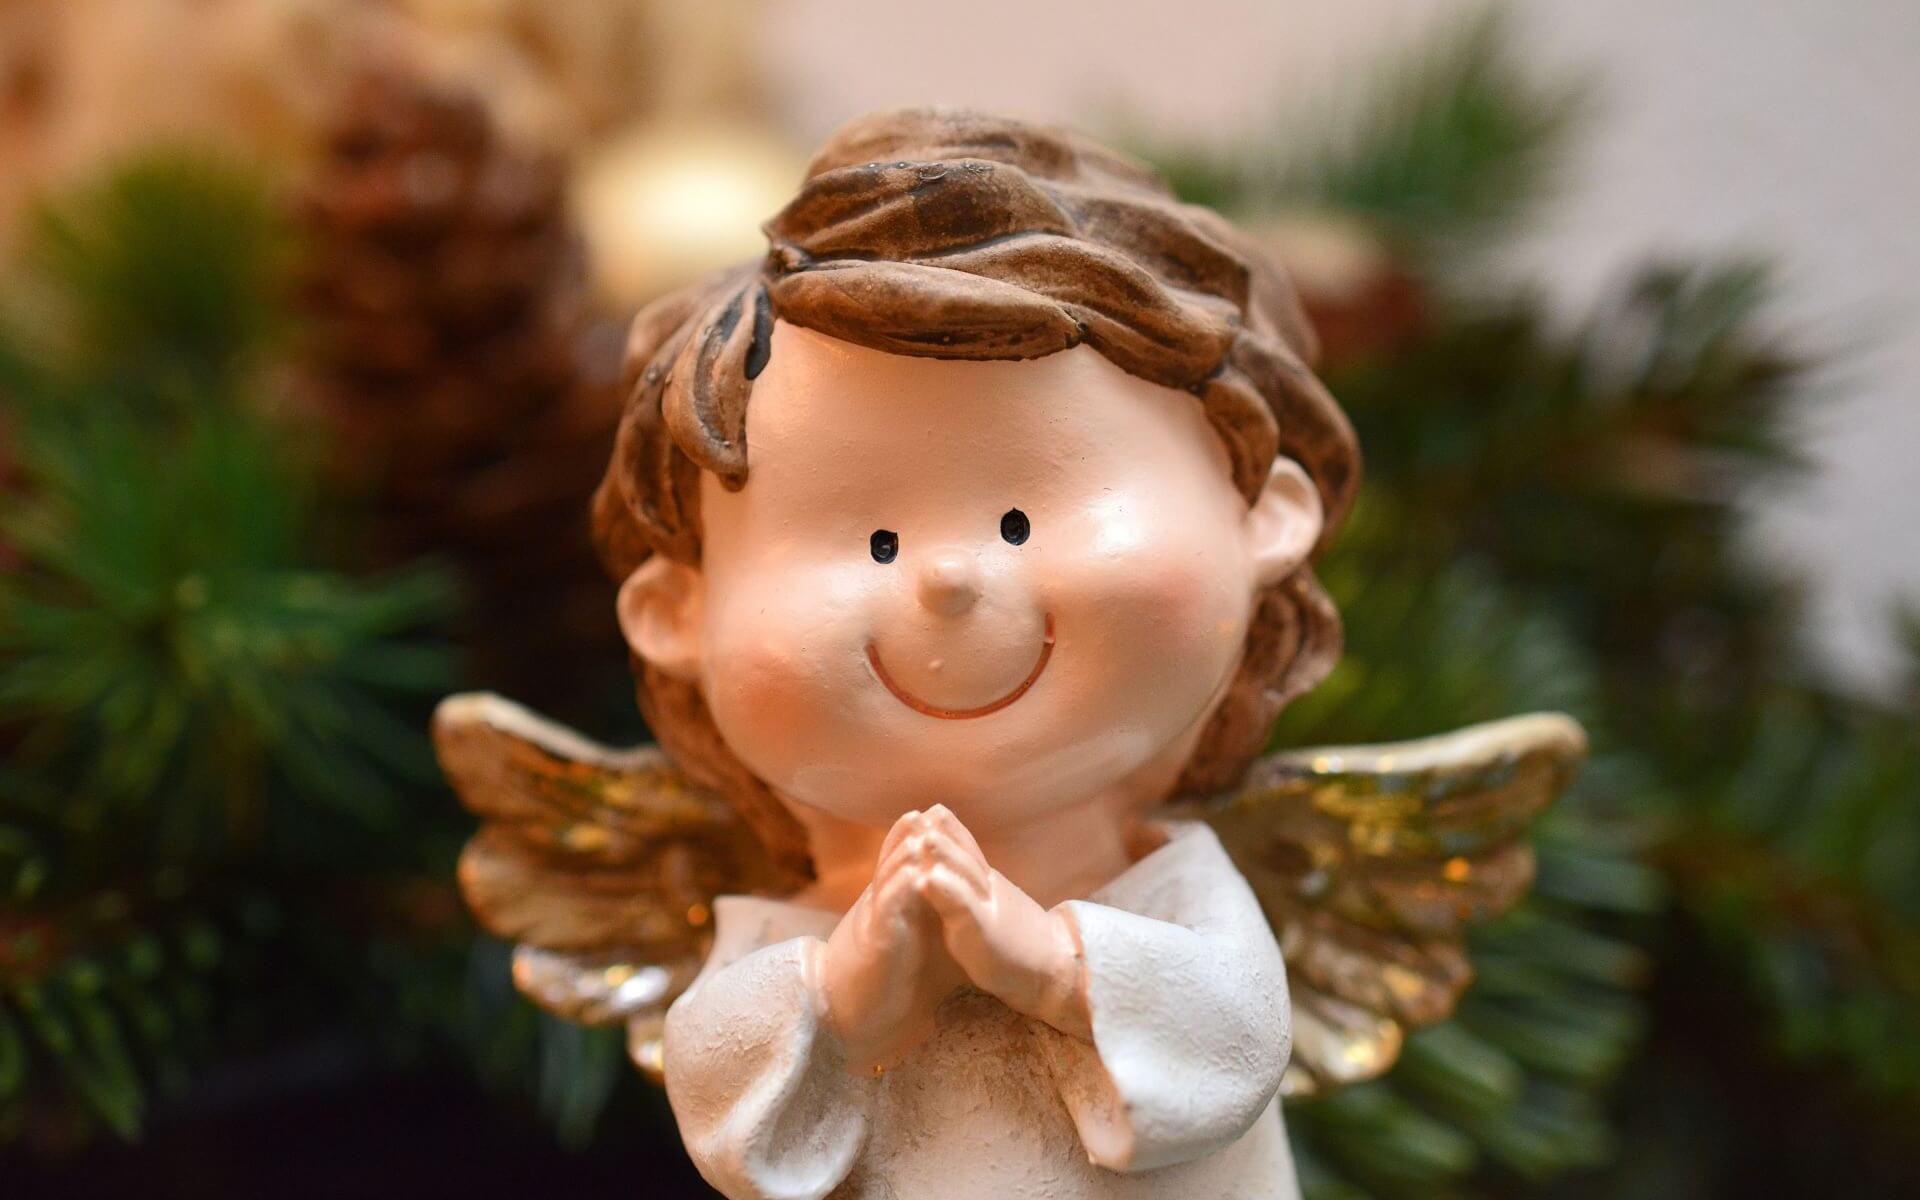 Weihnachtsengel, der sich freut.